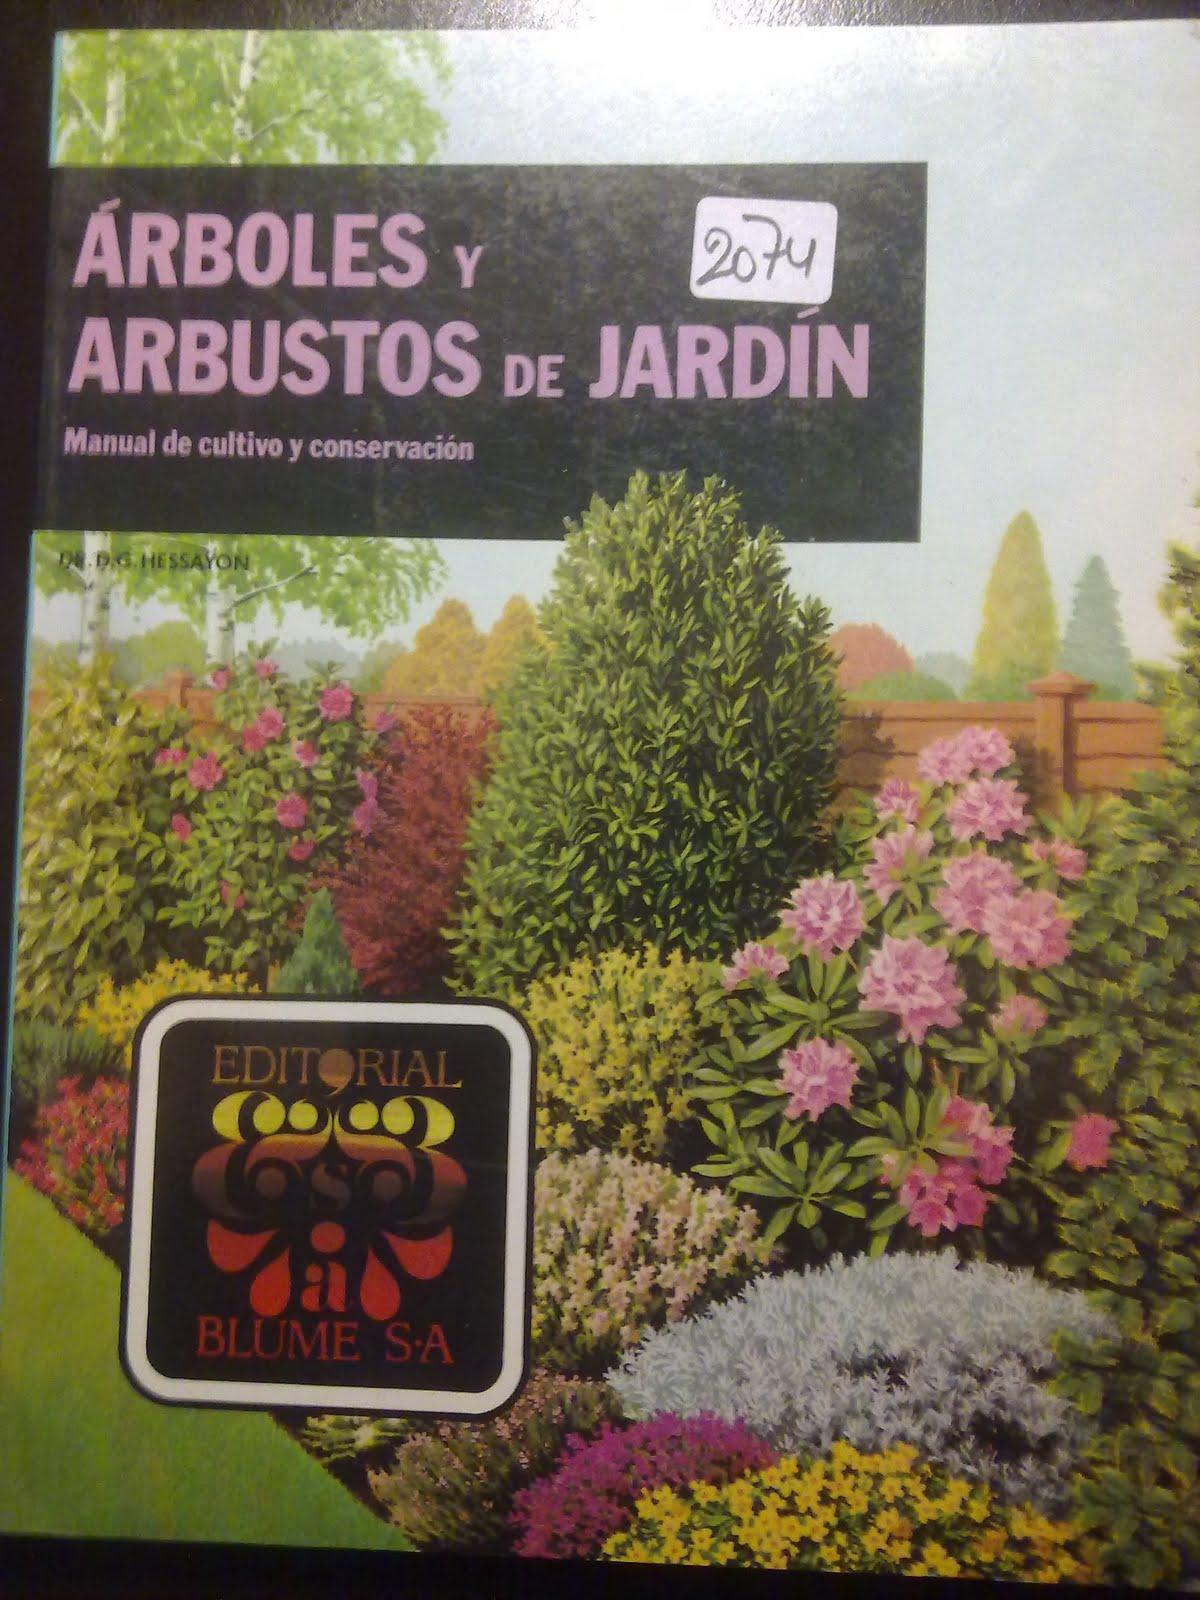 Materialparaelnaturalista arboles y arbustos de jard n - Arbustos para jardin ...